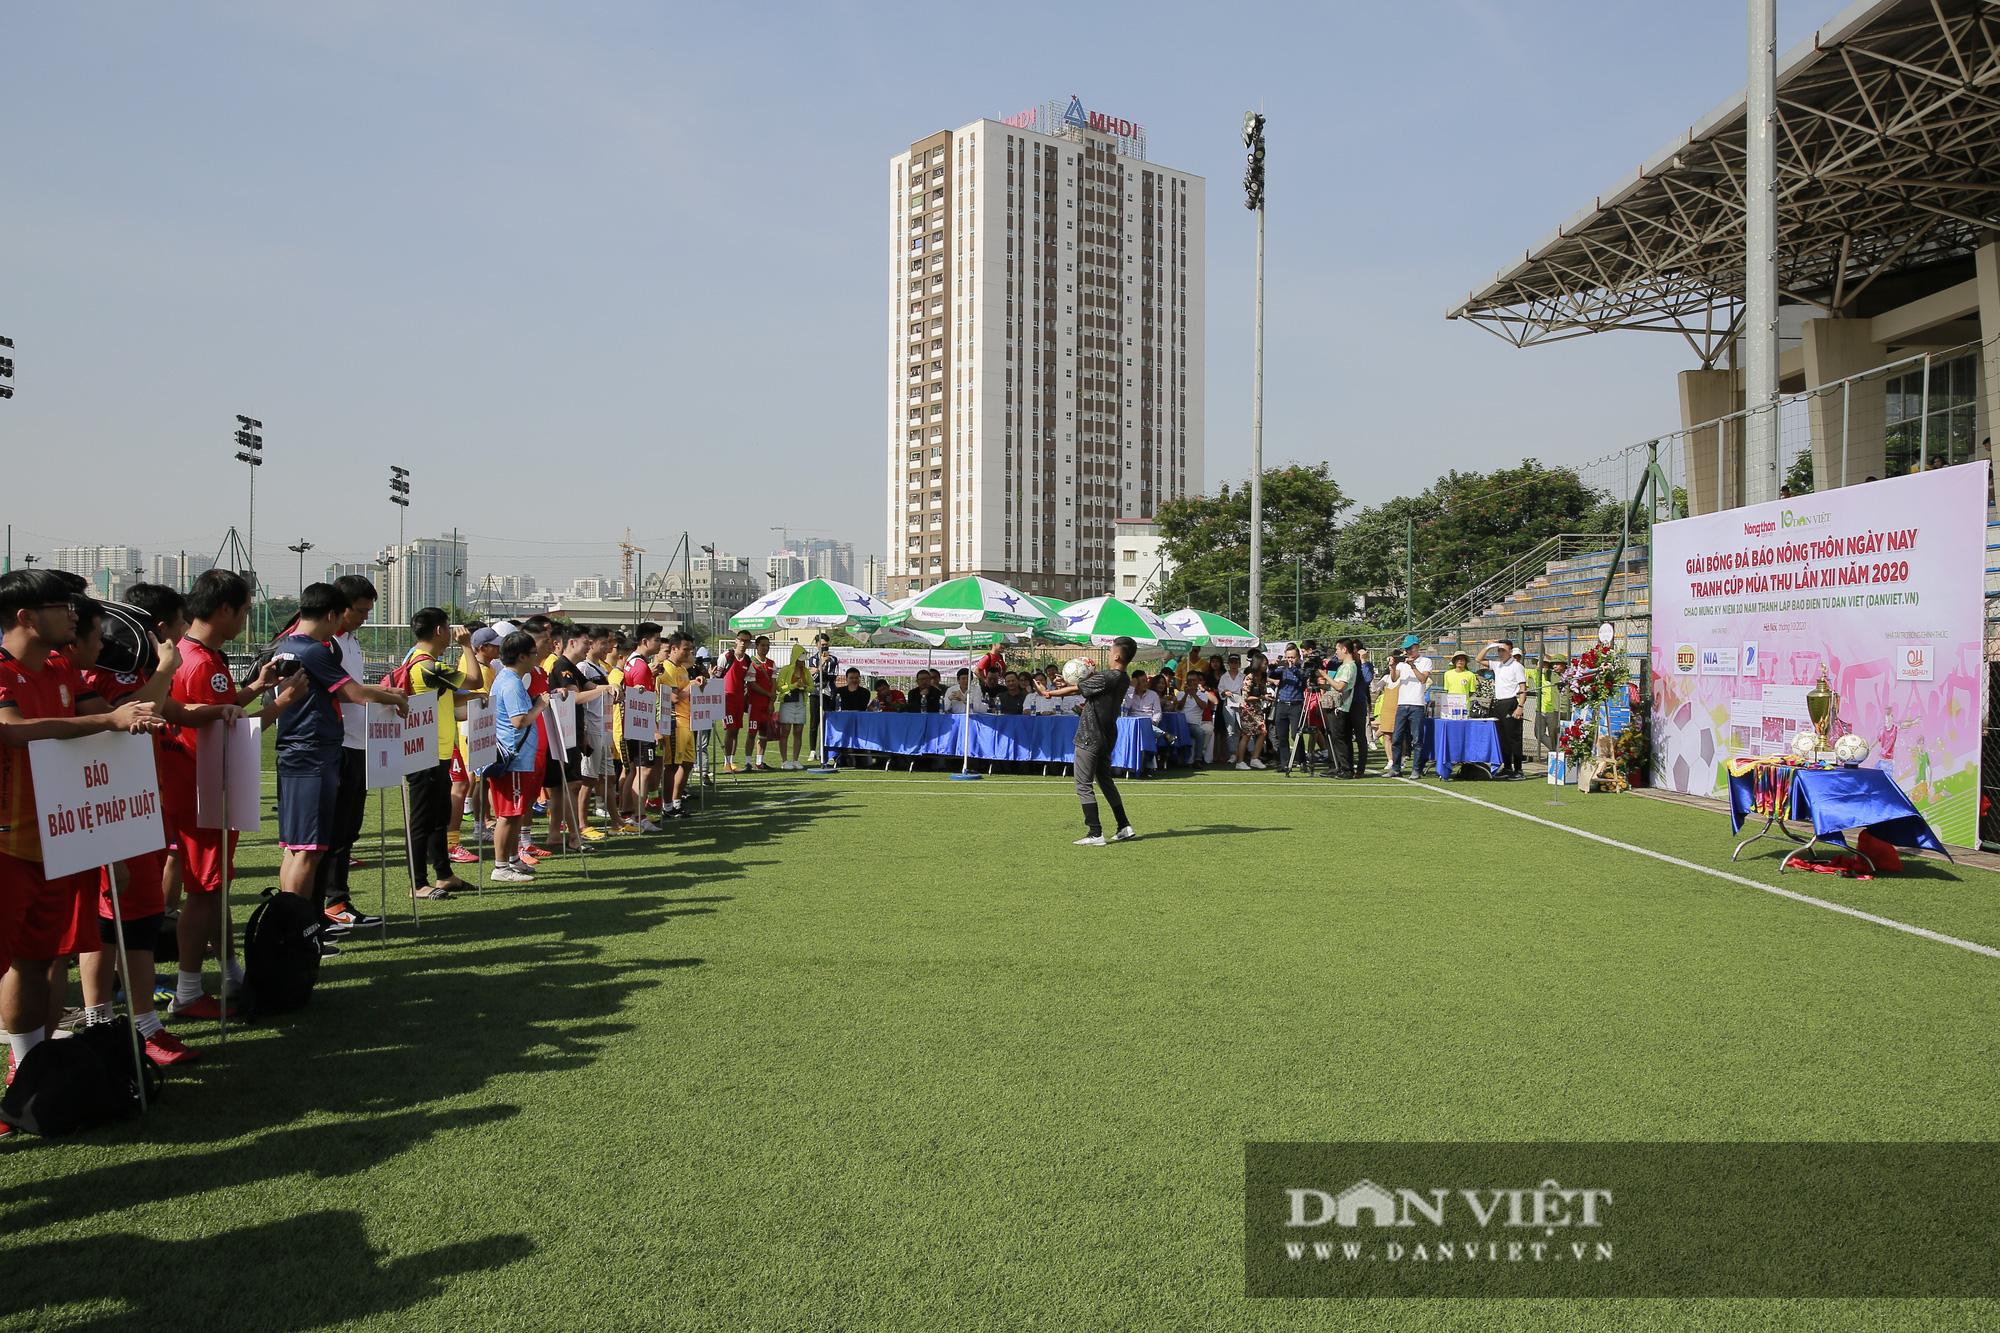 Giải bóng đá báo Nông thôn Ngày nay/Dân Việt lần thứ 12 chính thức khởi tranh - Ảnh 1.